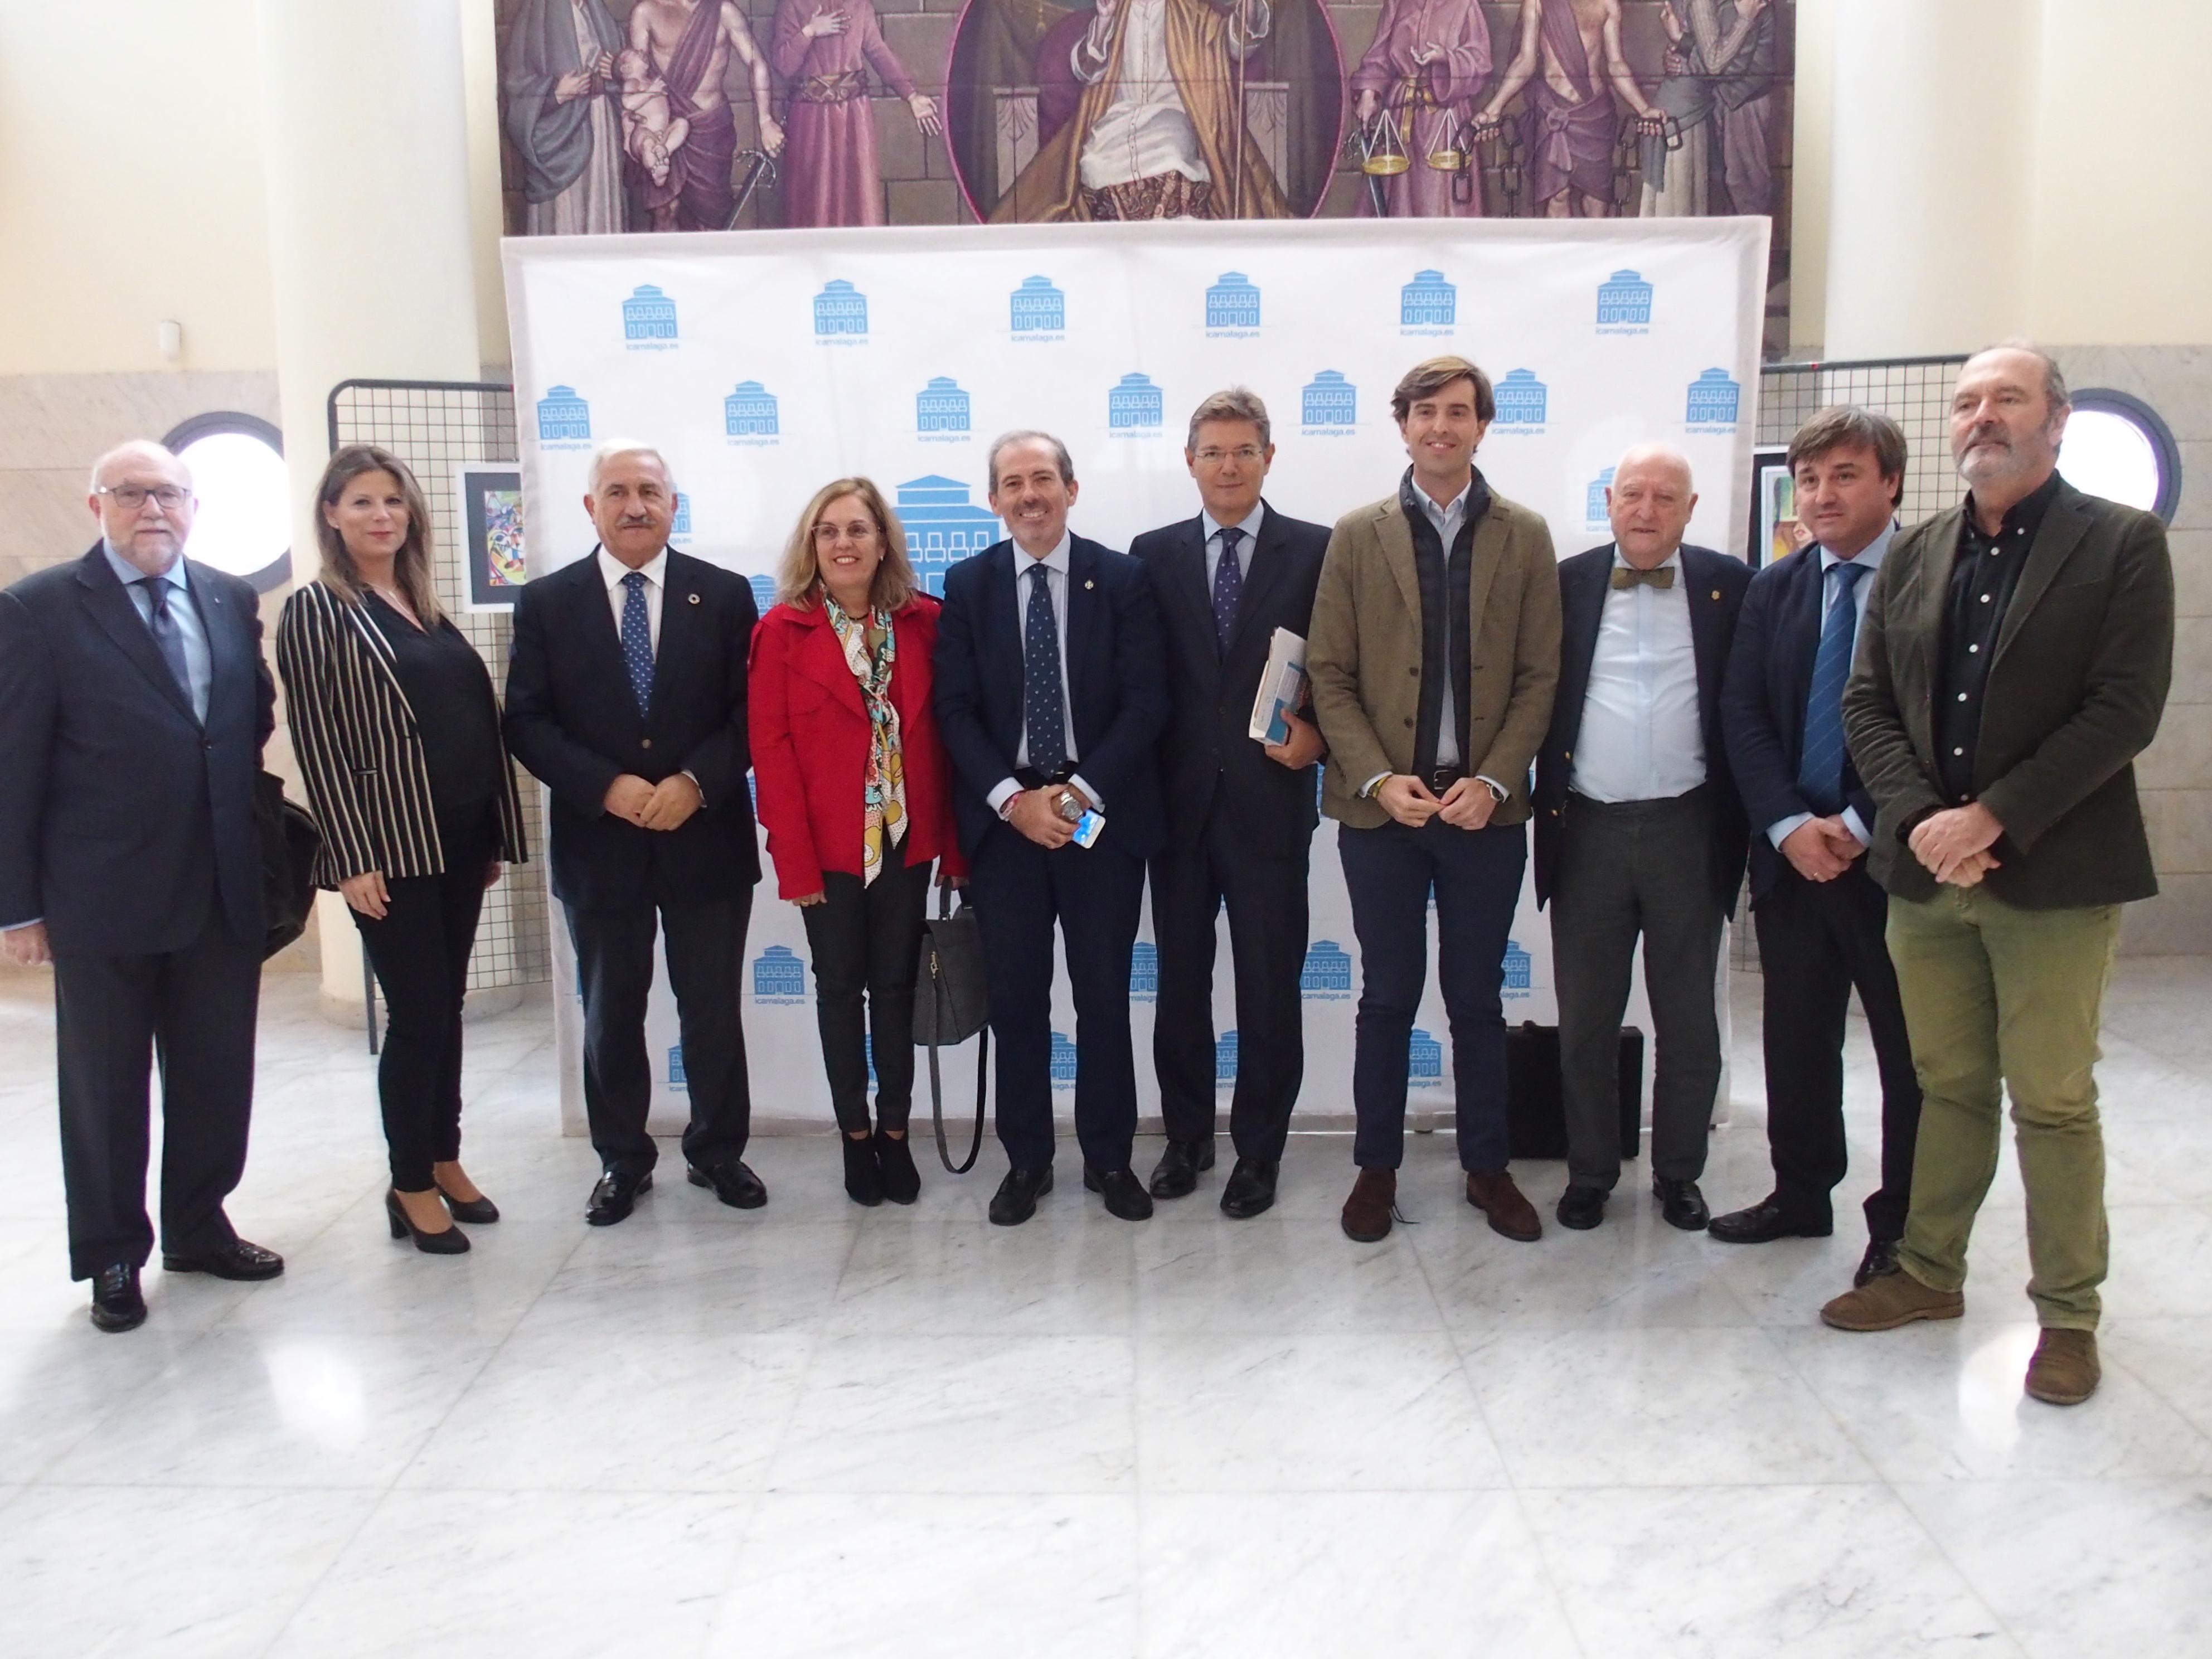 Antonio Mallorca Profesora De Ruso ilustre colegio de abogados de málaga